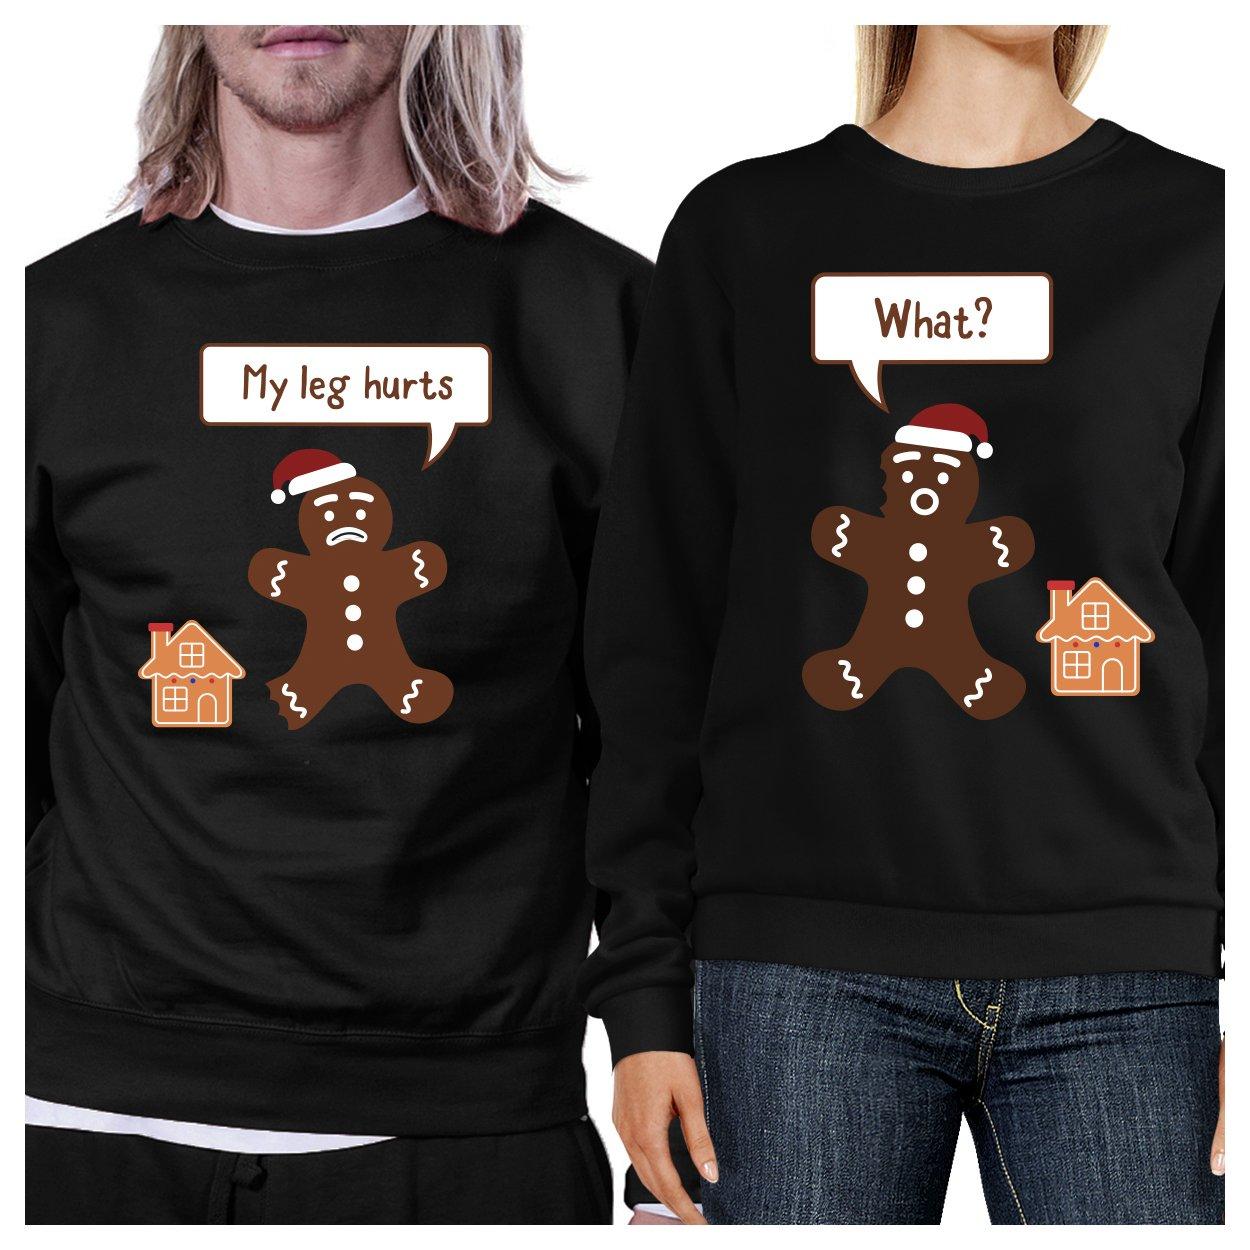 365 Printing Christmas Couple Sweatshirt Holiday Gift Ideas Pullover Fleece 365 Printing inc SS_01_COUPLE_CHRISTMAS